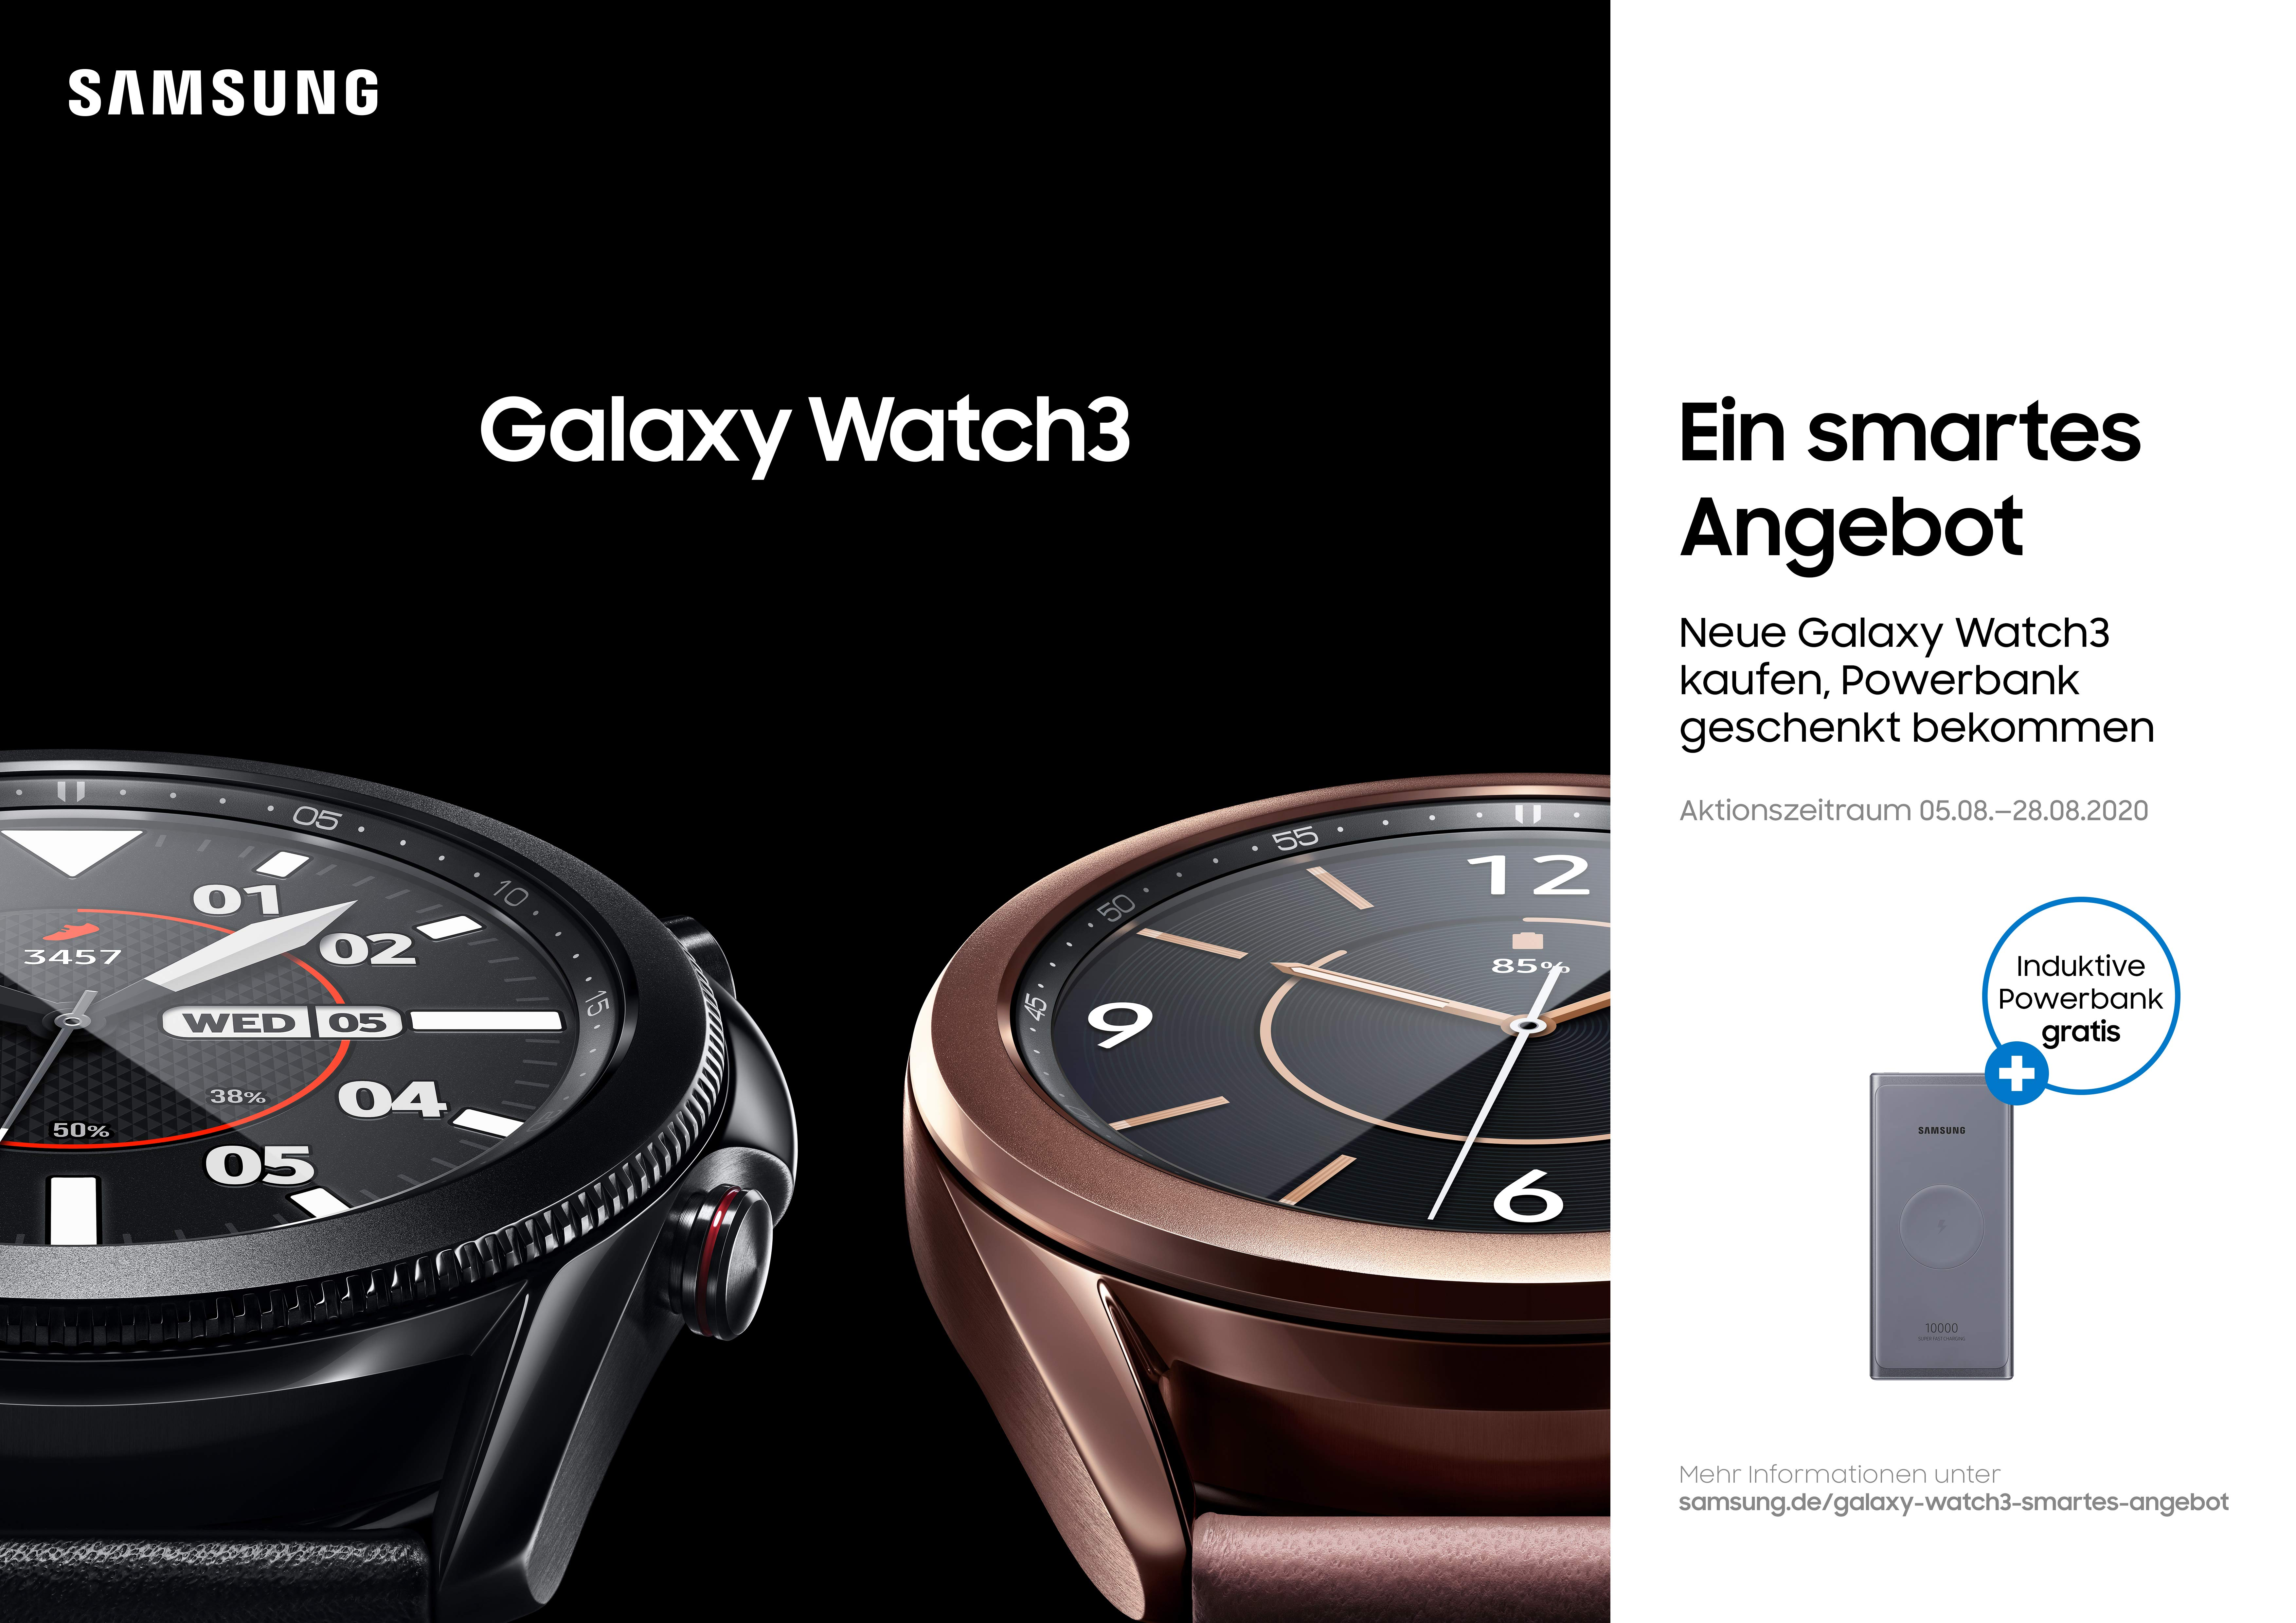 Samsung Galaxy Watch 3 mit Samsung Induktive Powerbank (EB-U3300)